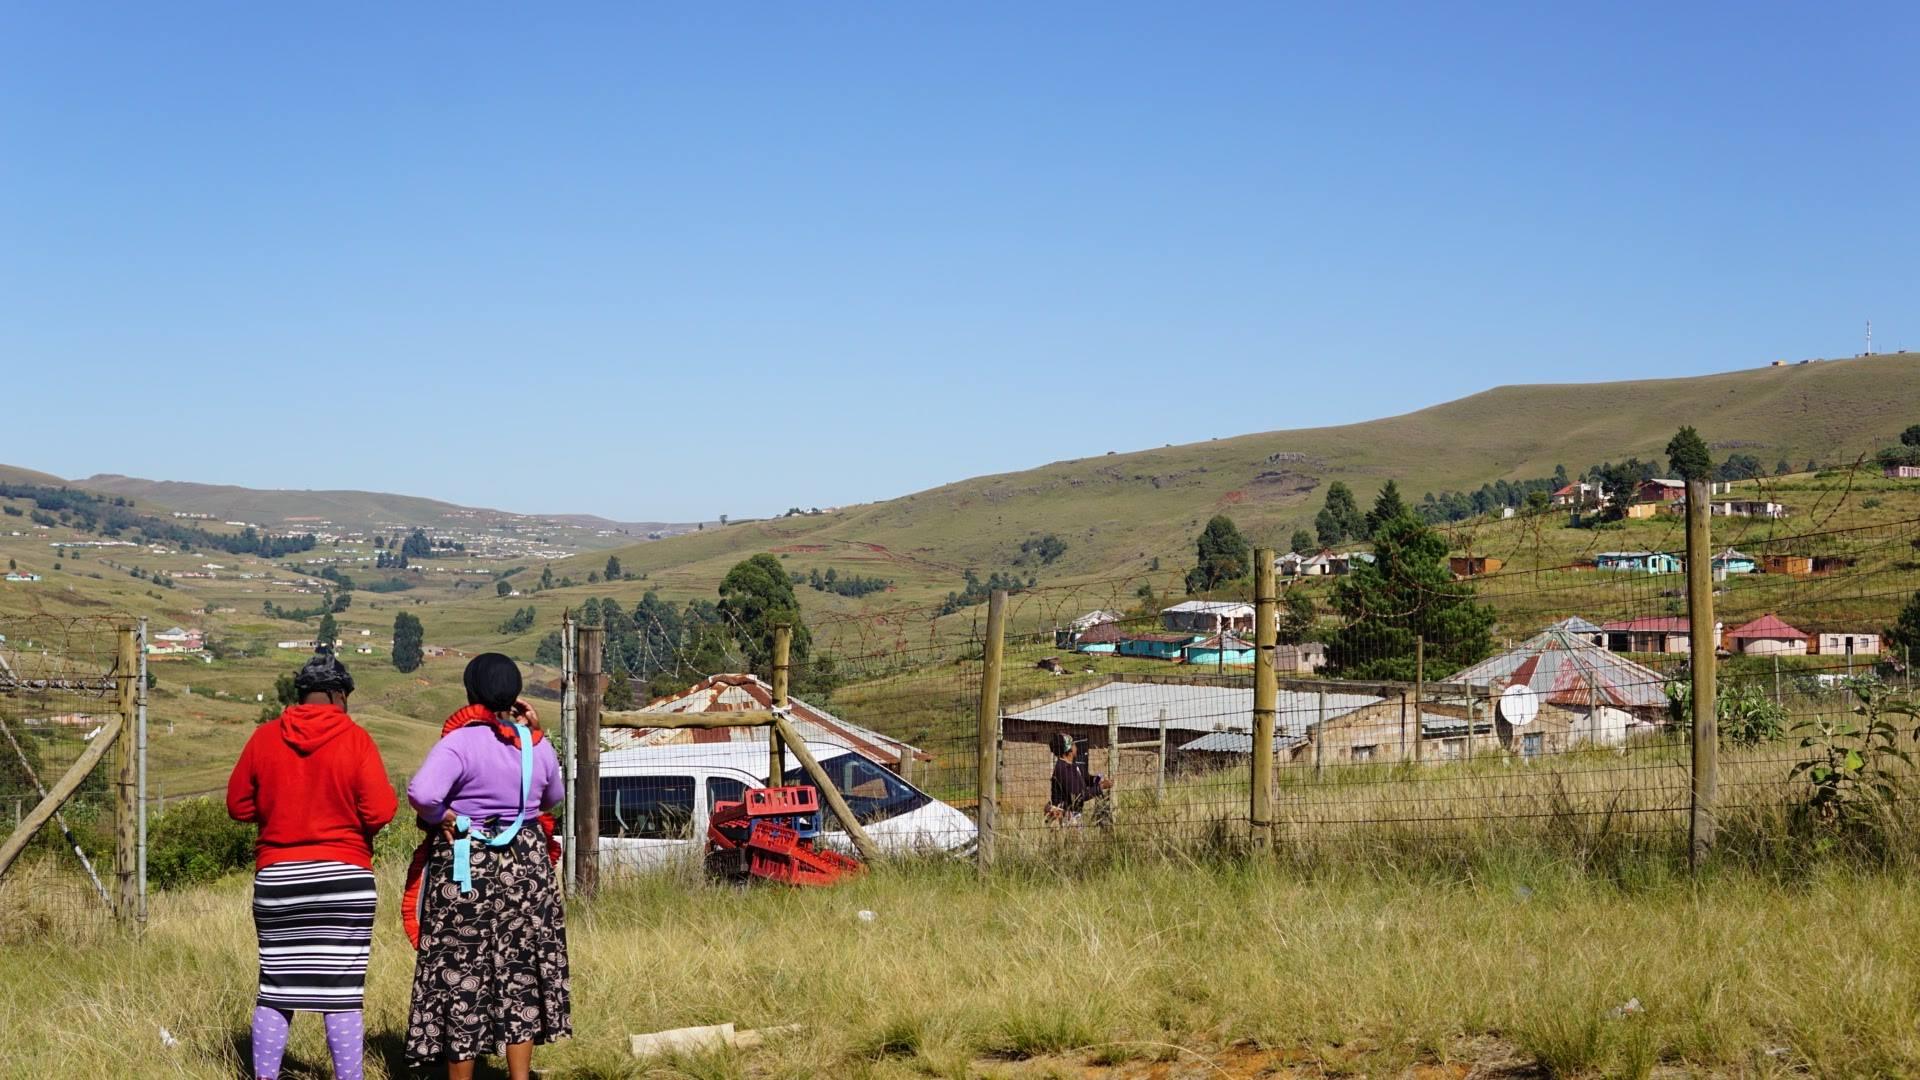 南アフリカのド田舎の風景